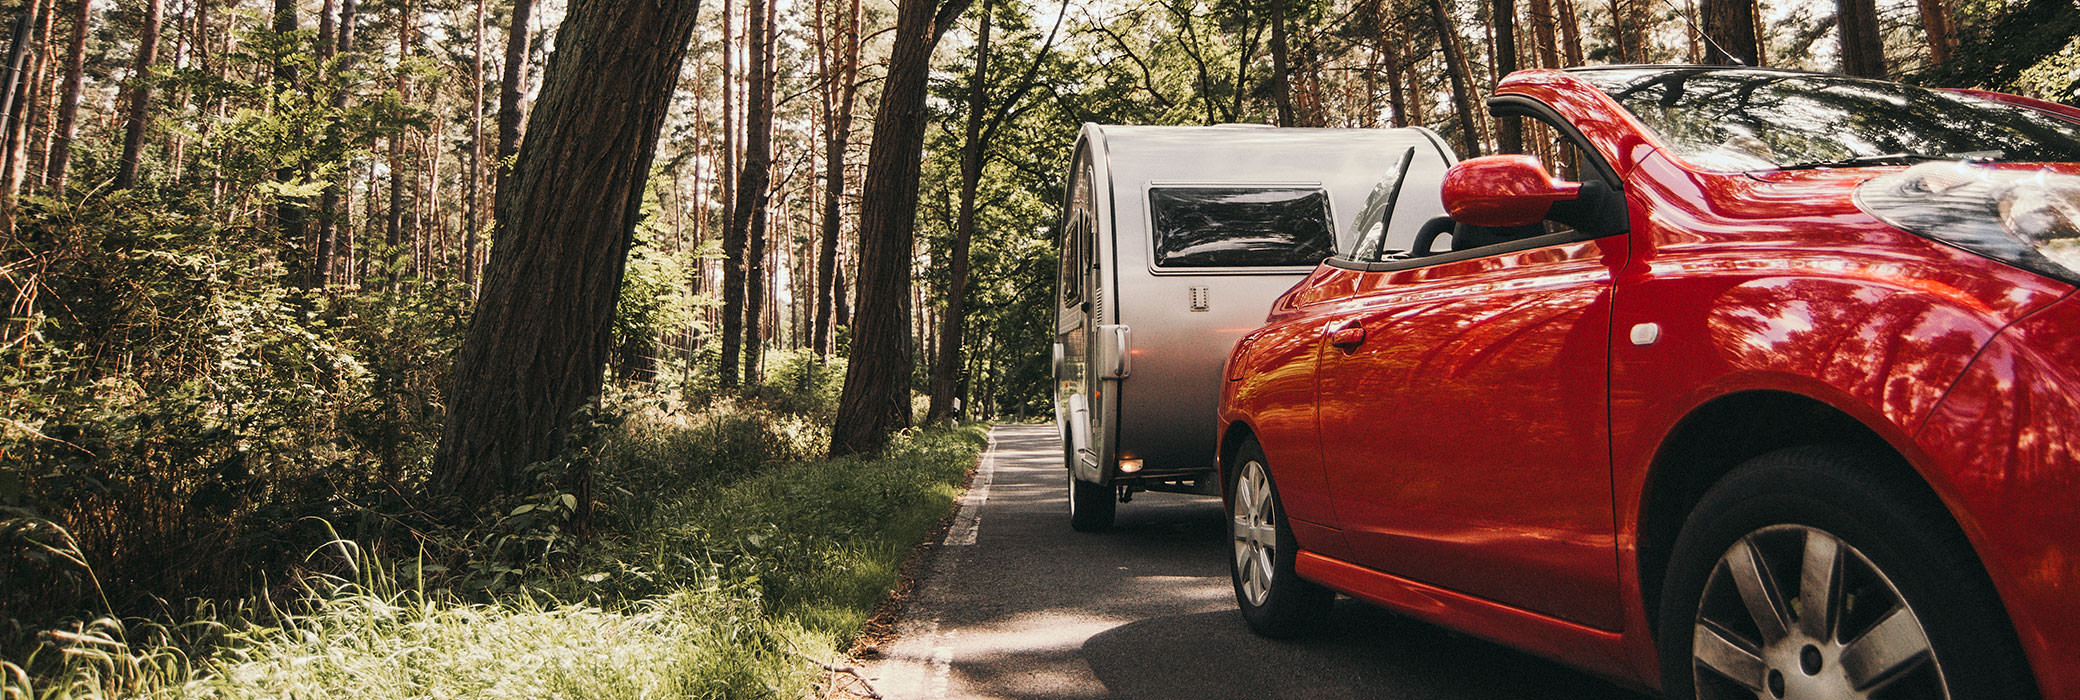 Rode cabriolet met een witte caravan die over een landweg rijdt